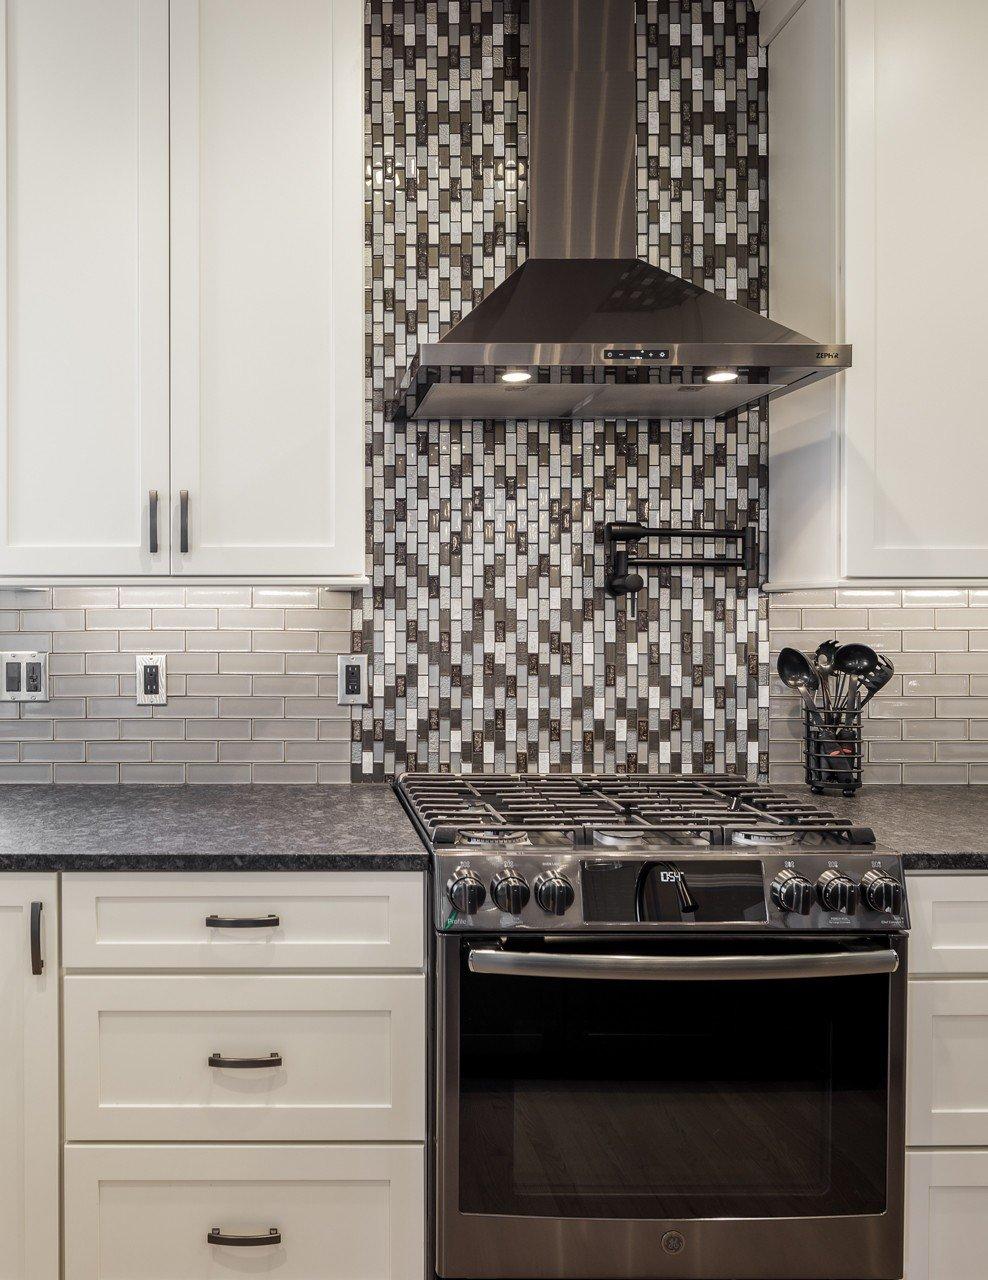 Cool tile design